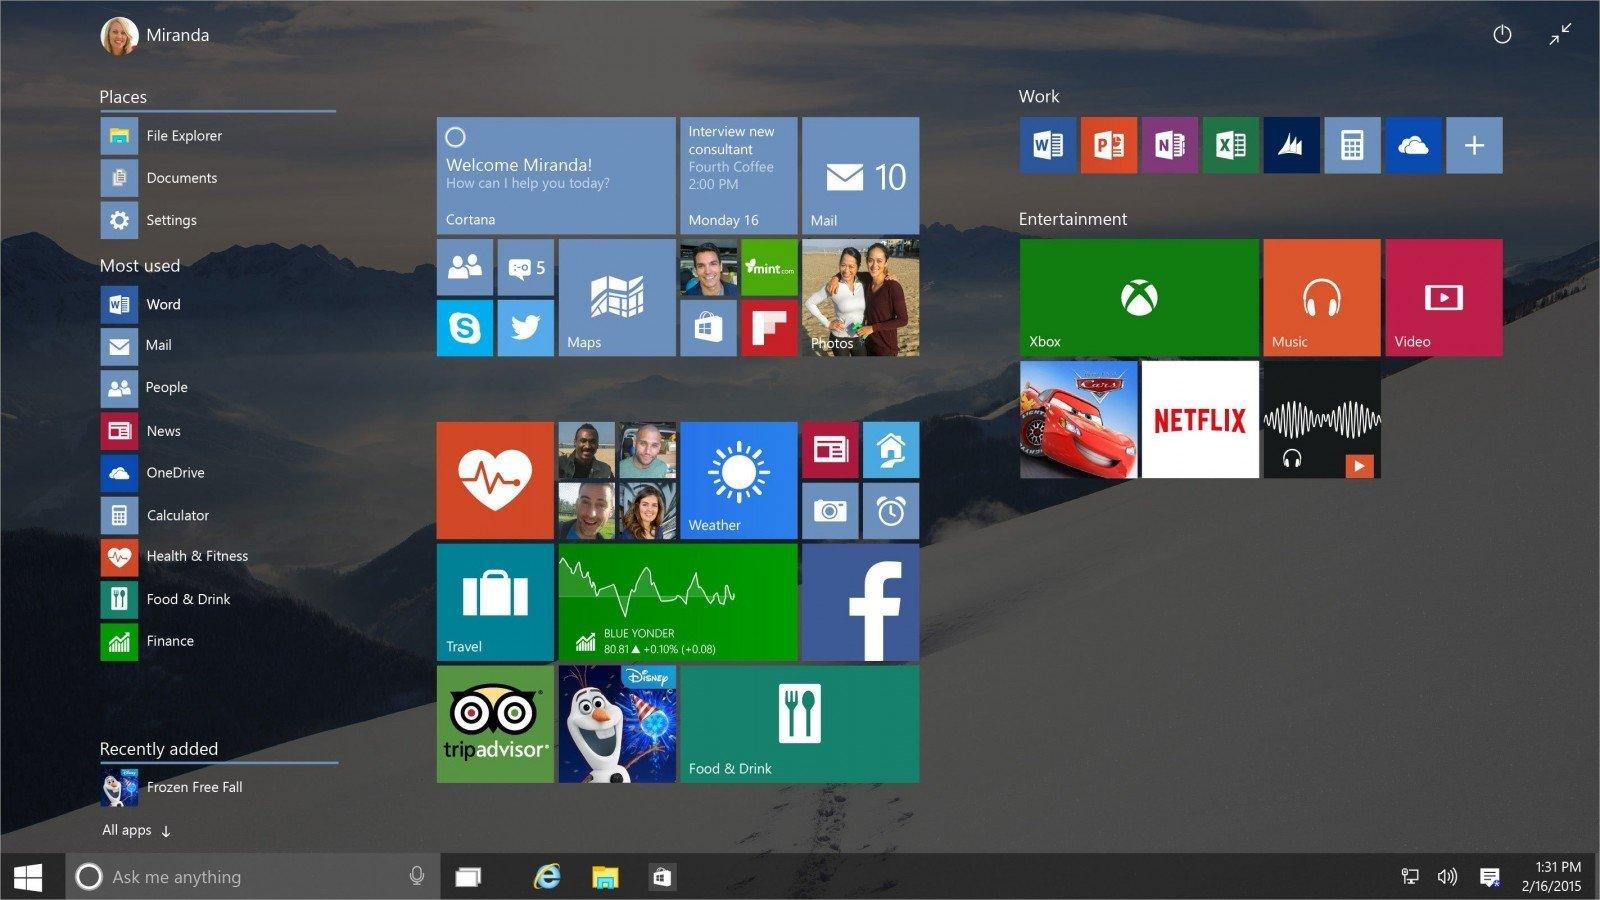 Naudojantiems Windows 10 kuri versij pasirinkti DELFI Mokslas